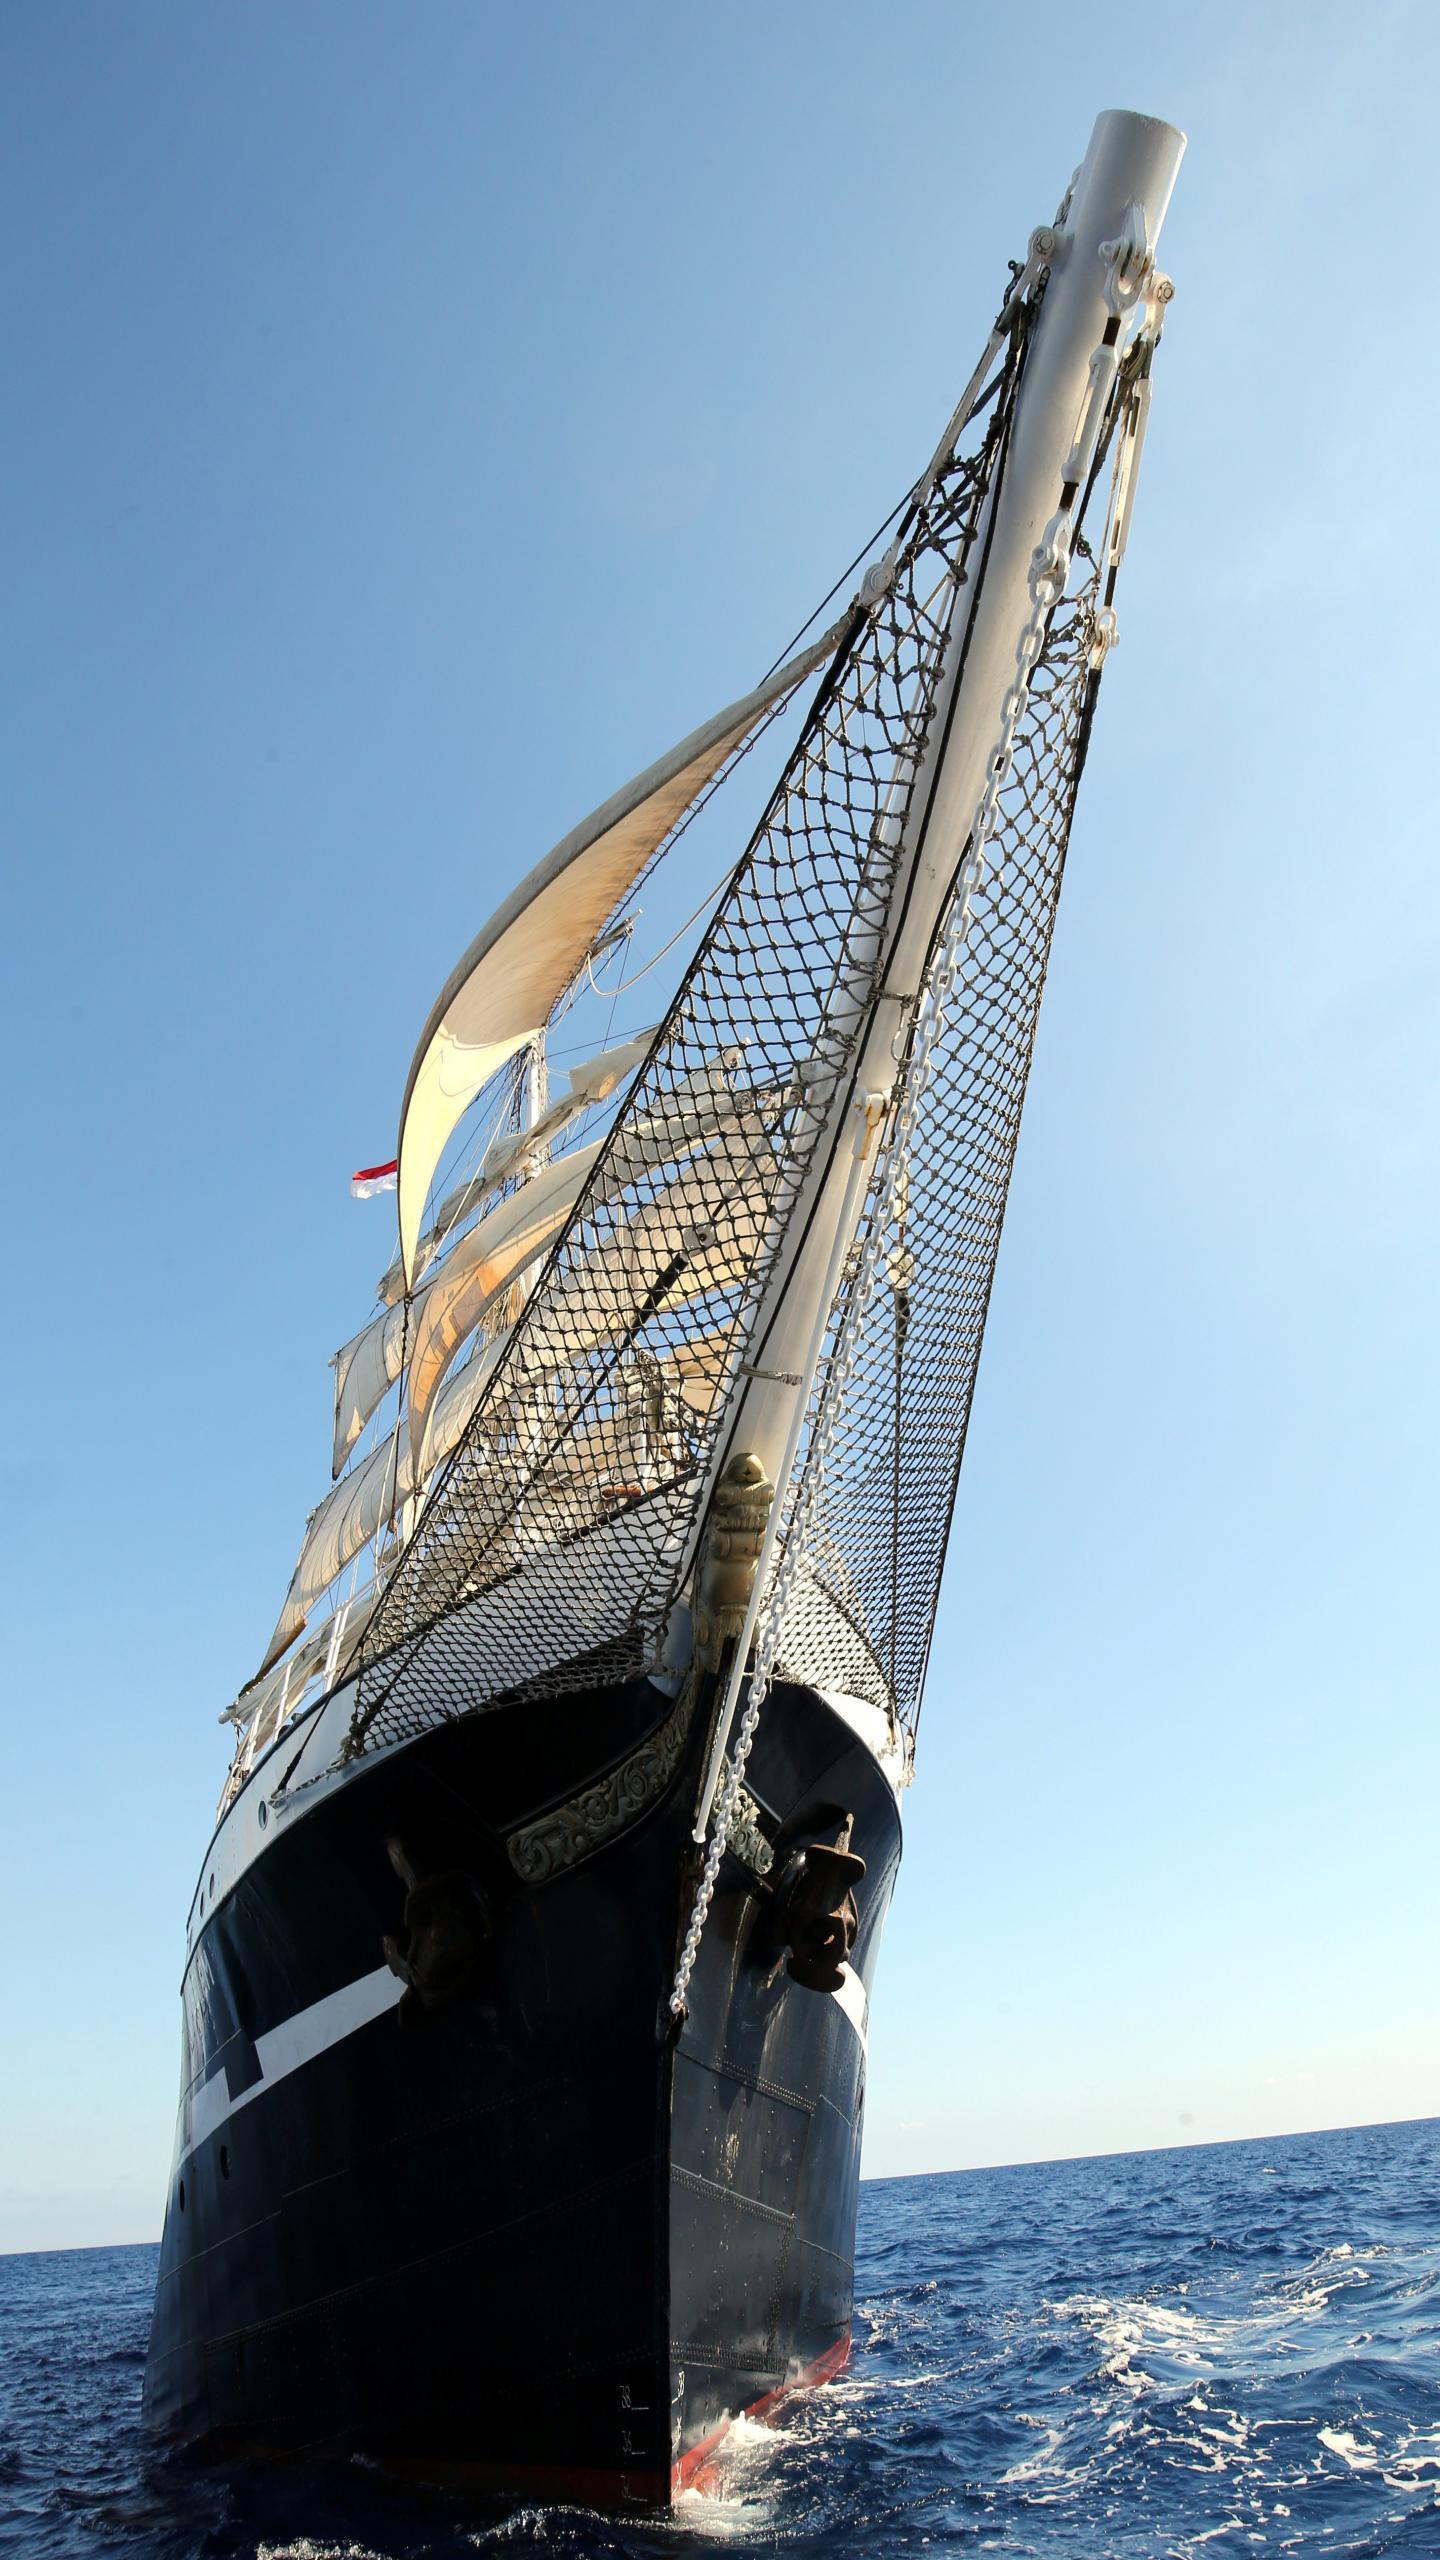 Aujourd'hui doté de 16 membres d'équipage, il parcourt les mers de l'Hexagone en offrant la possibilité d'initiations aux passionnés.